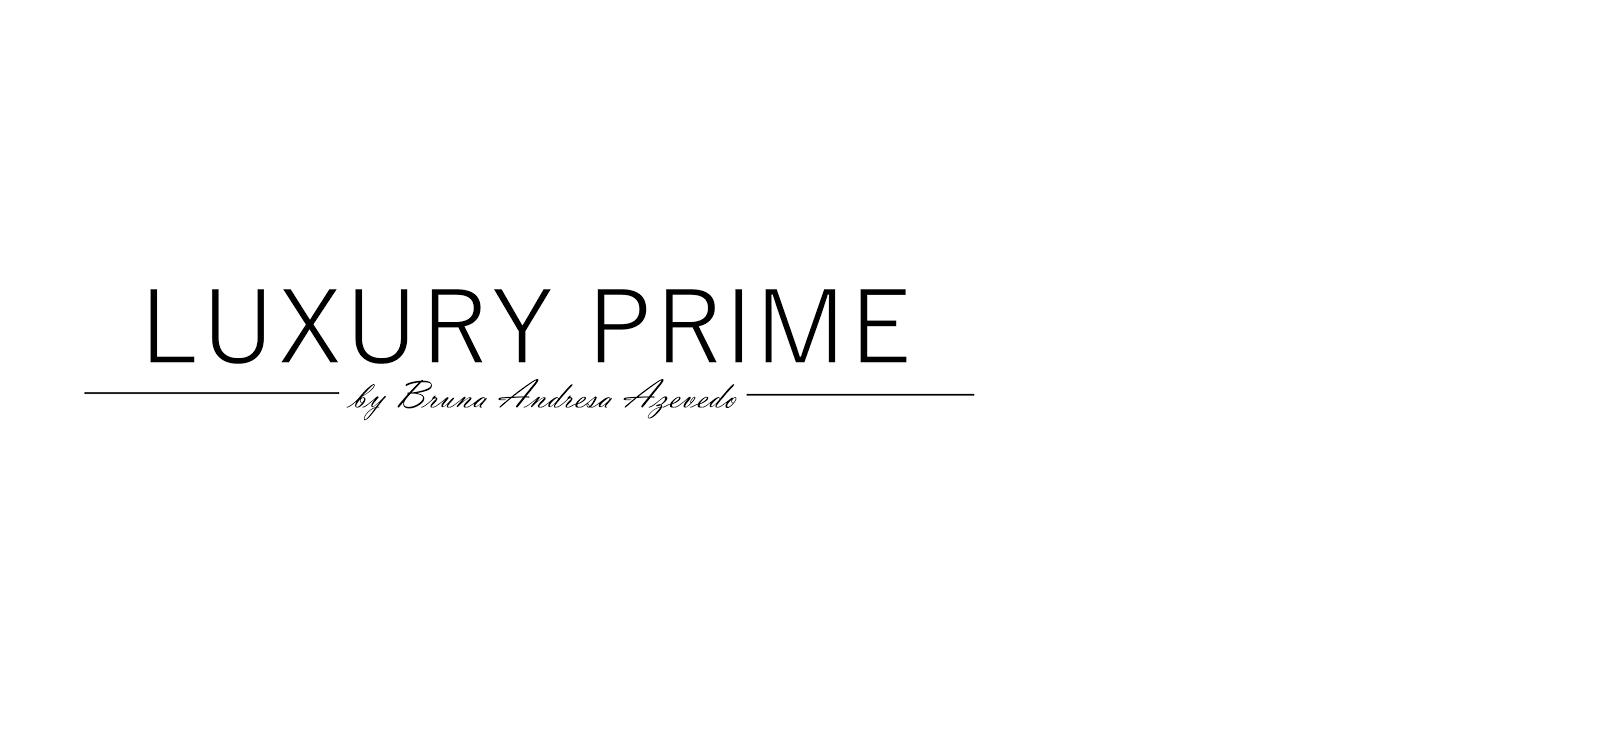 Luxury Prime